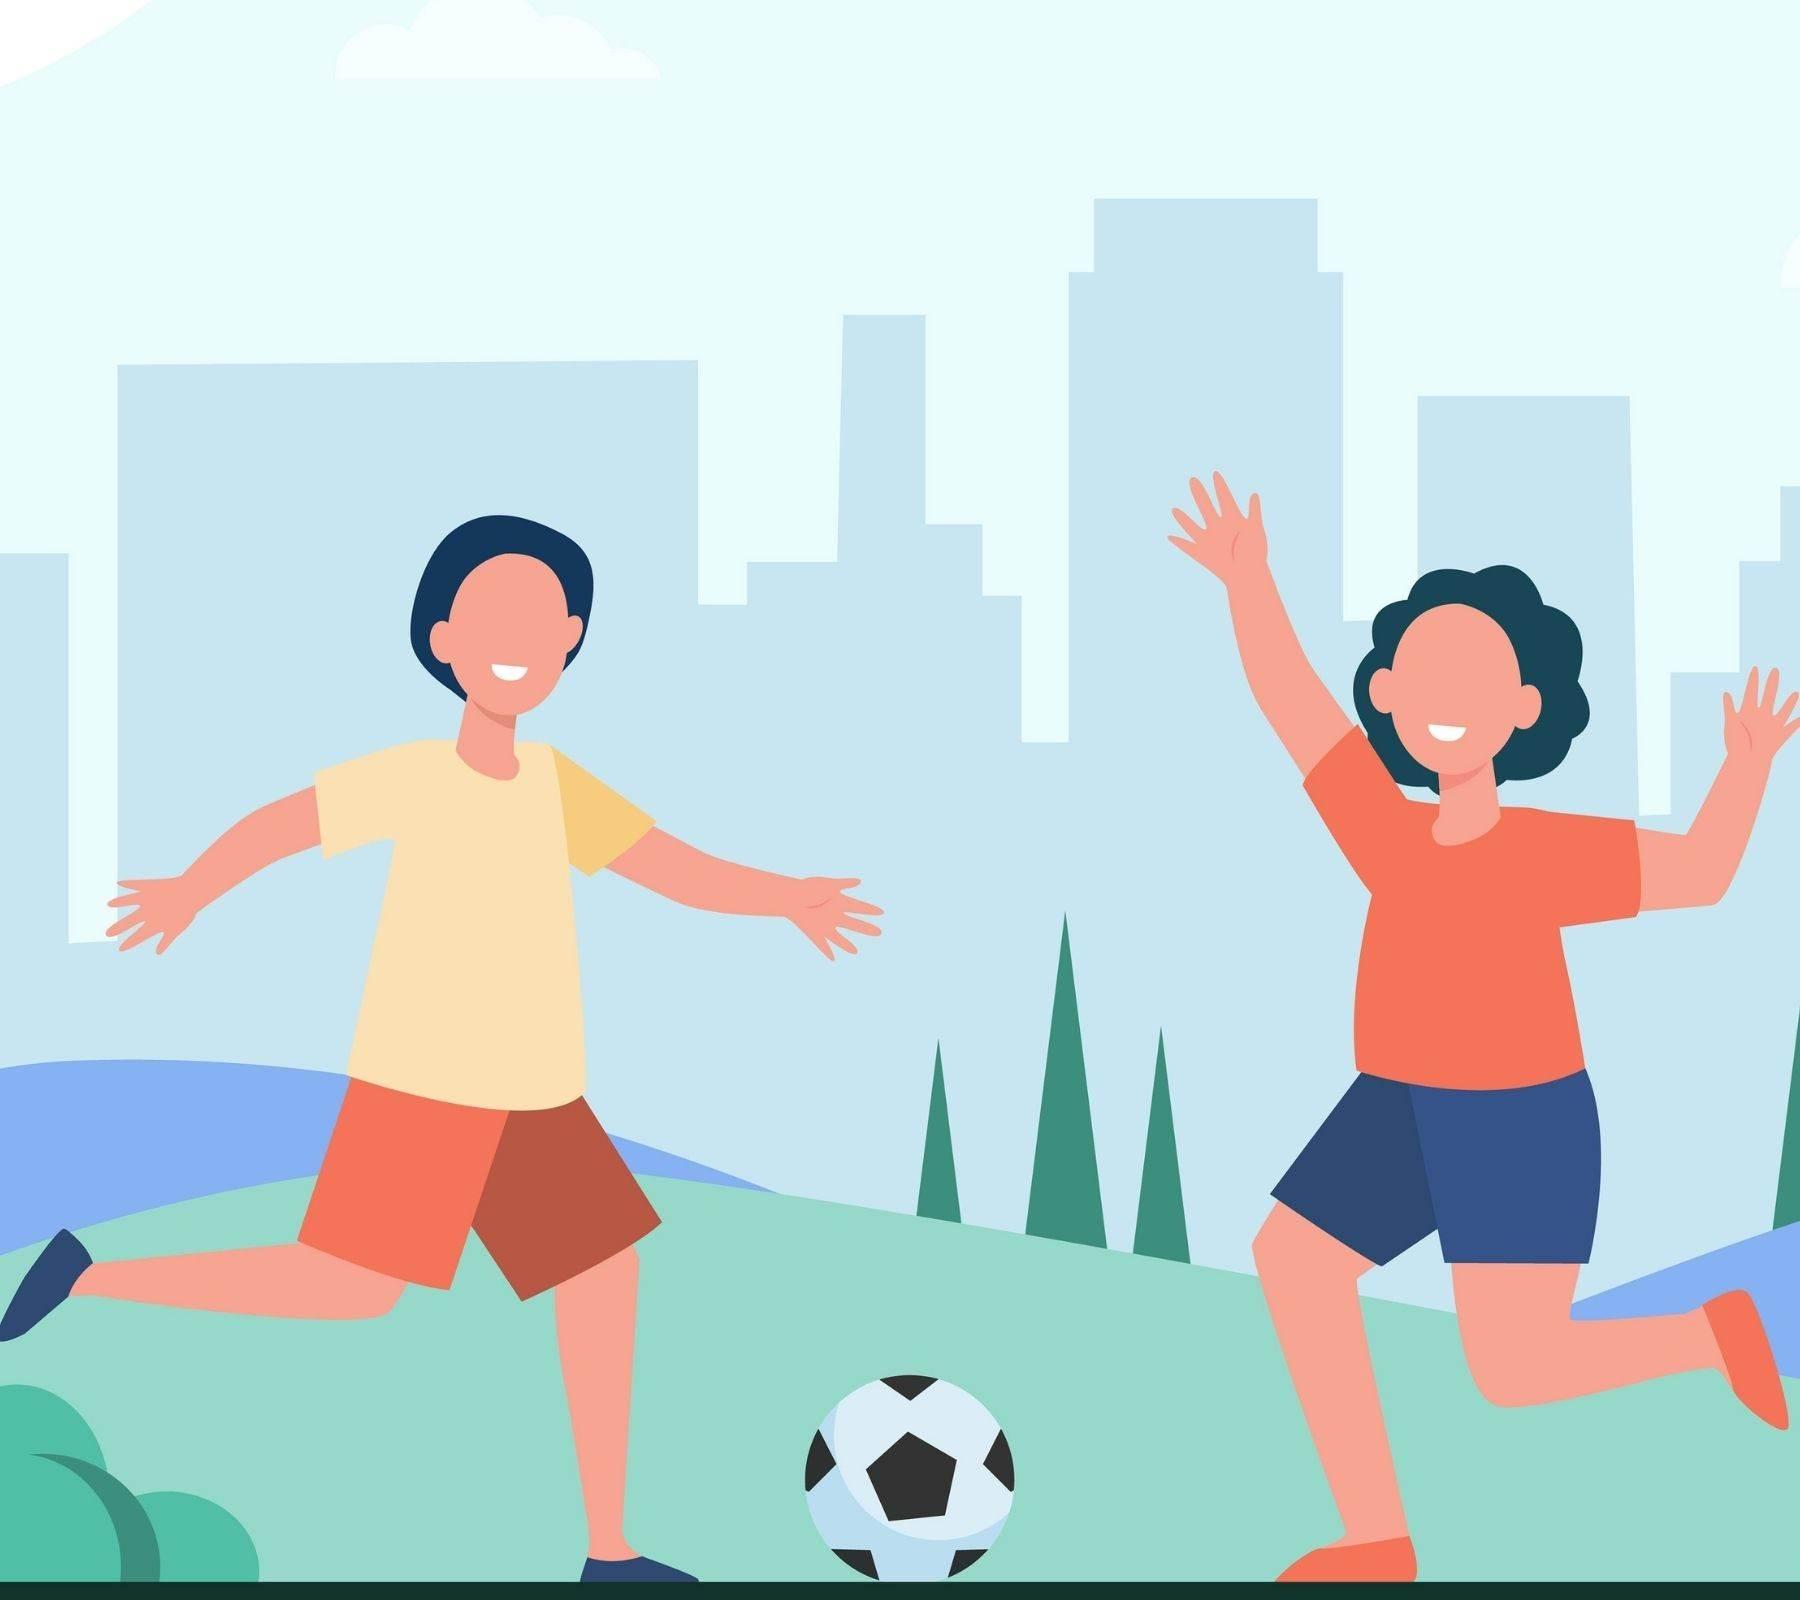 curso de verano 2021 puebla niños jugando